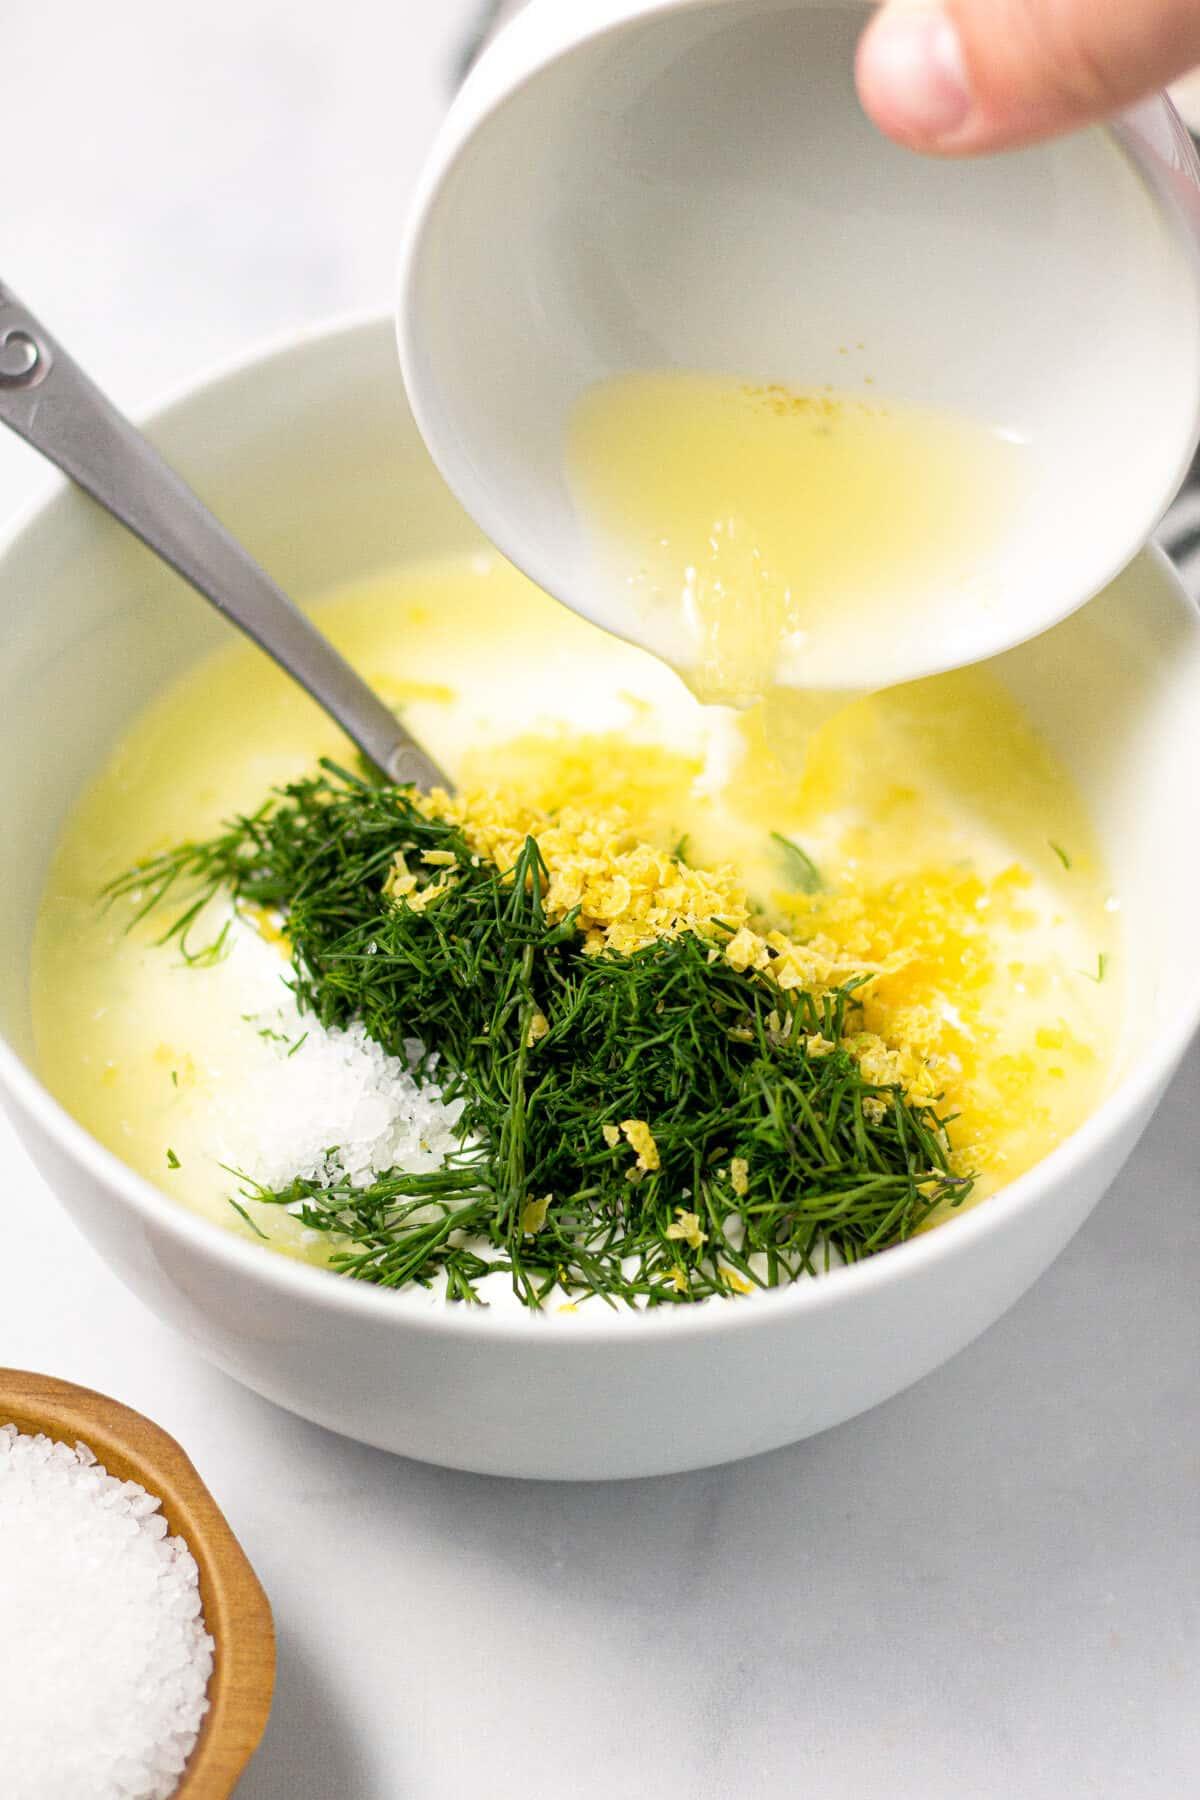 White bowl filled with ingredients to make Greek yogurt sauce